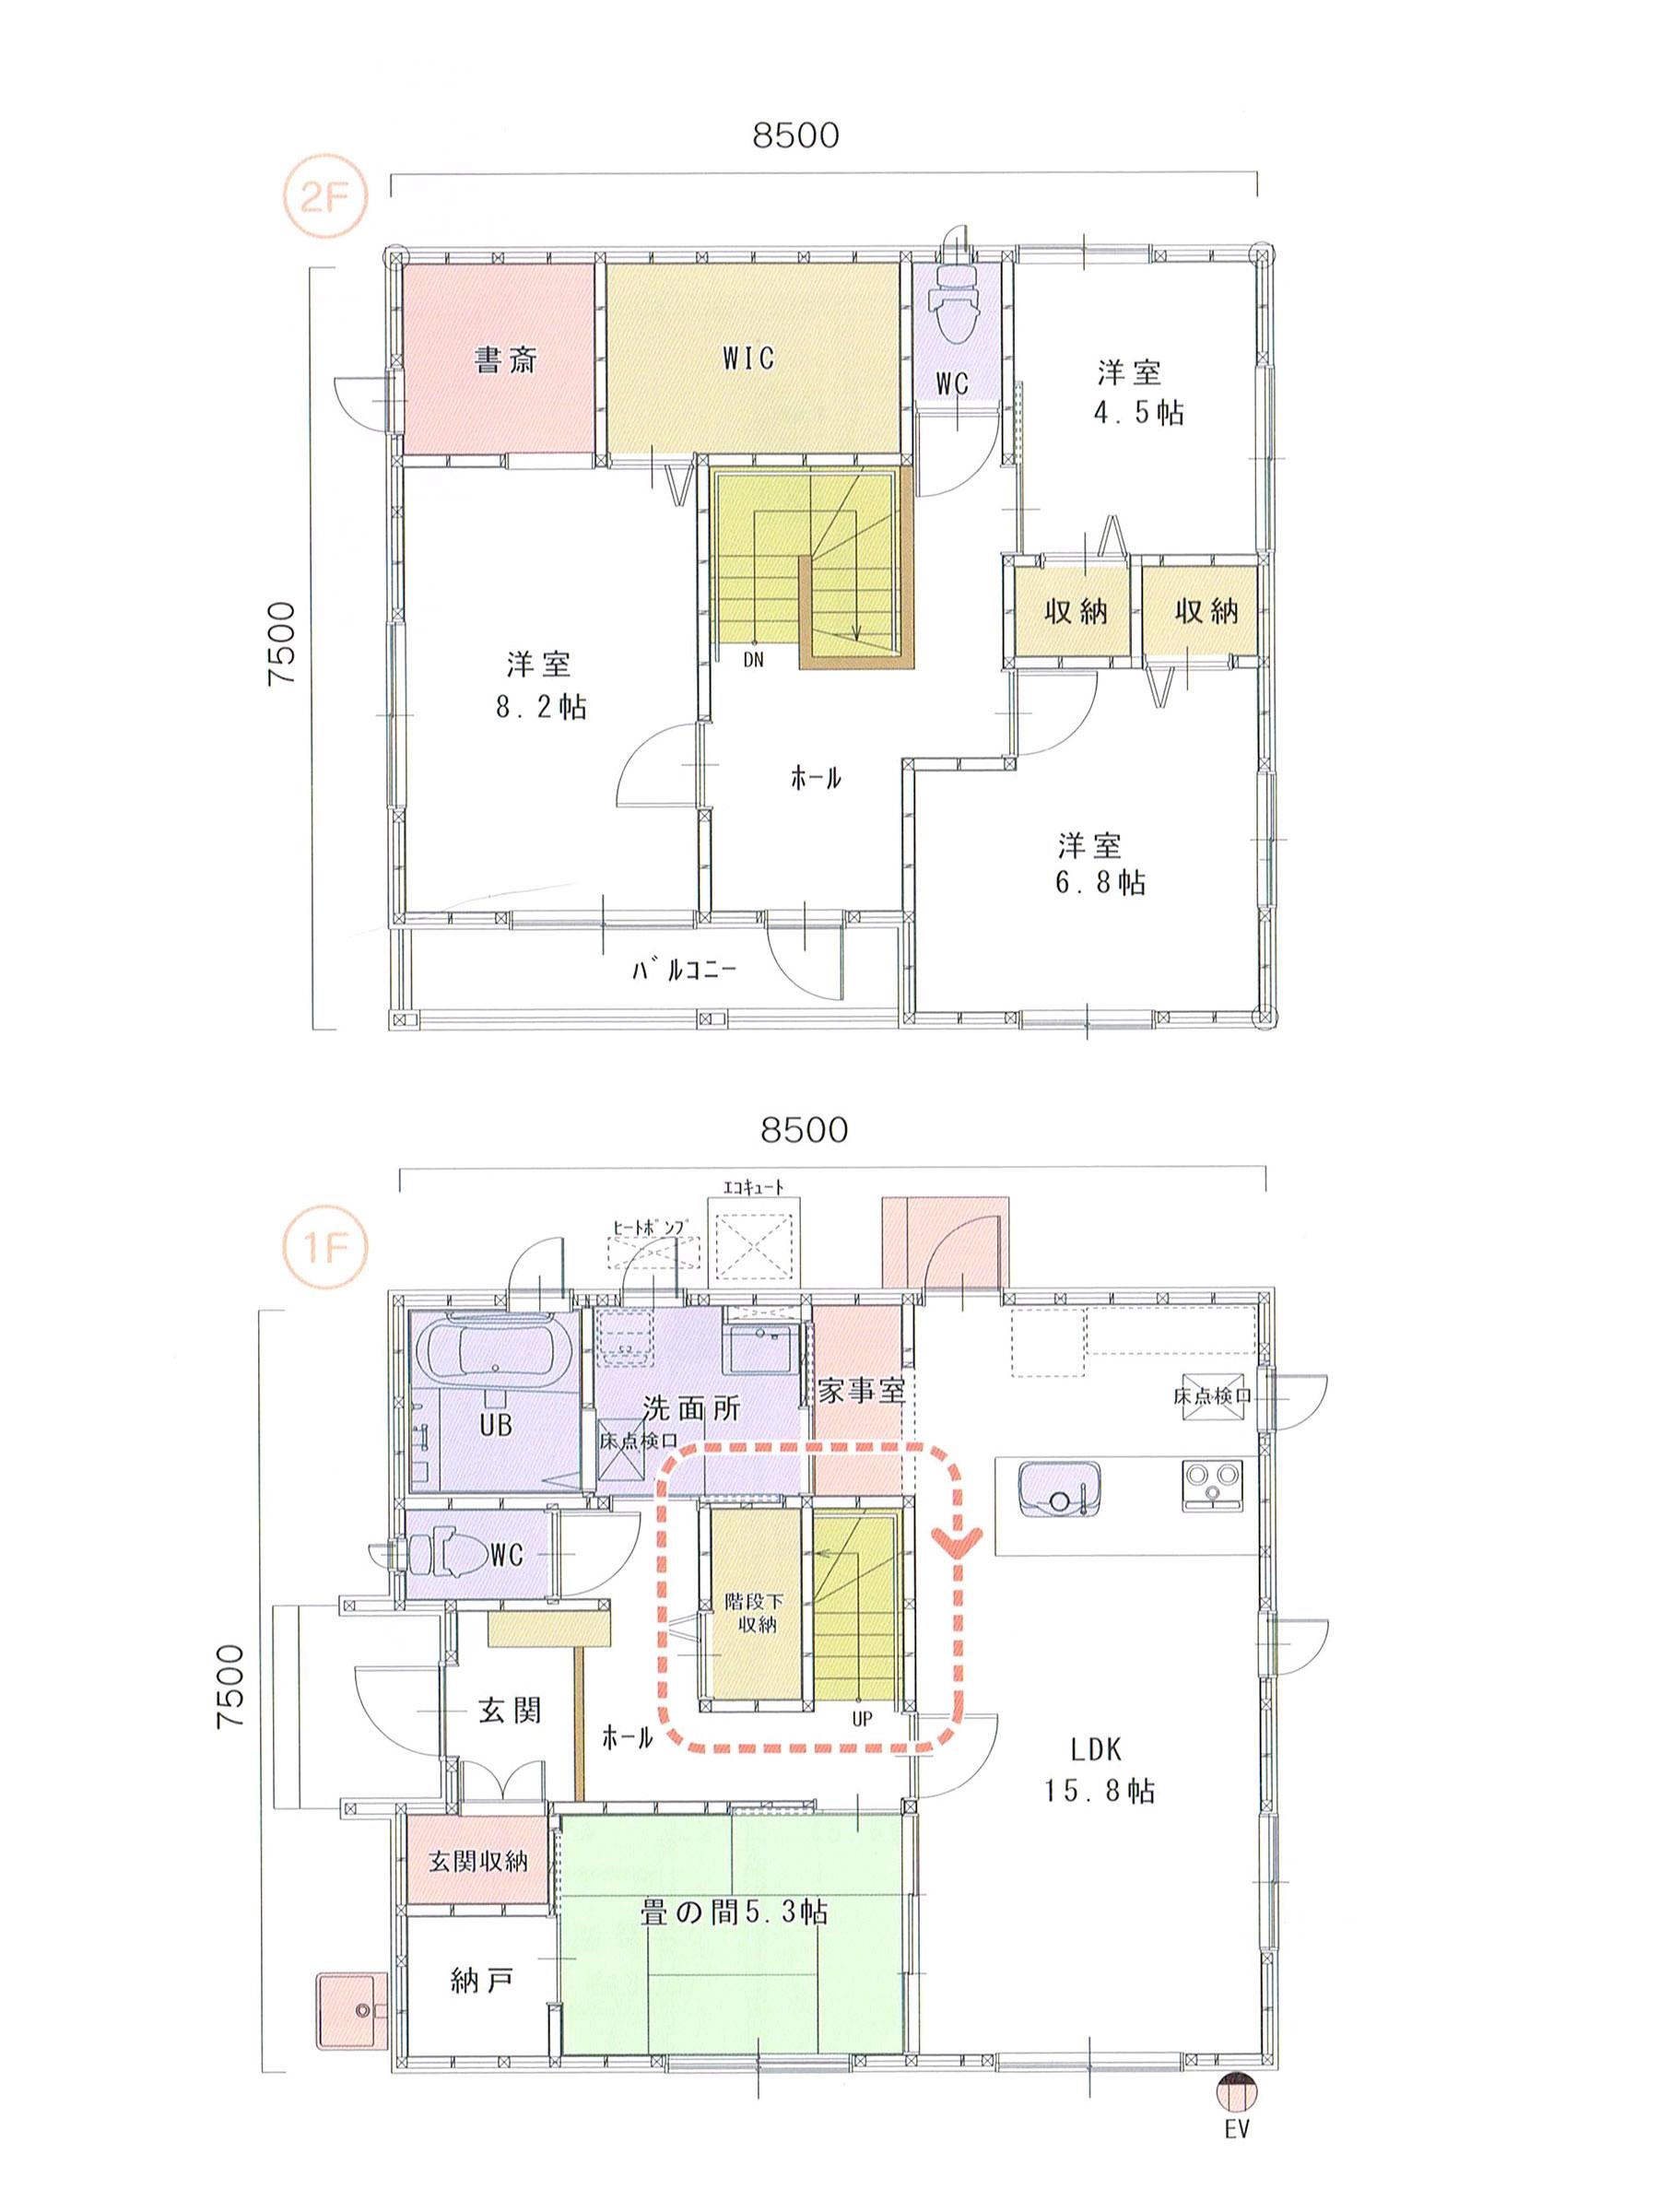 プランK-13 スモリの家